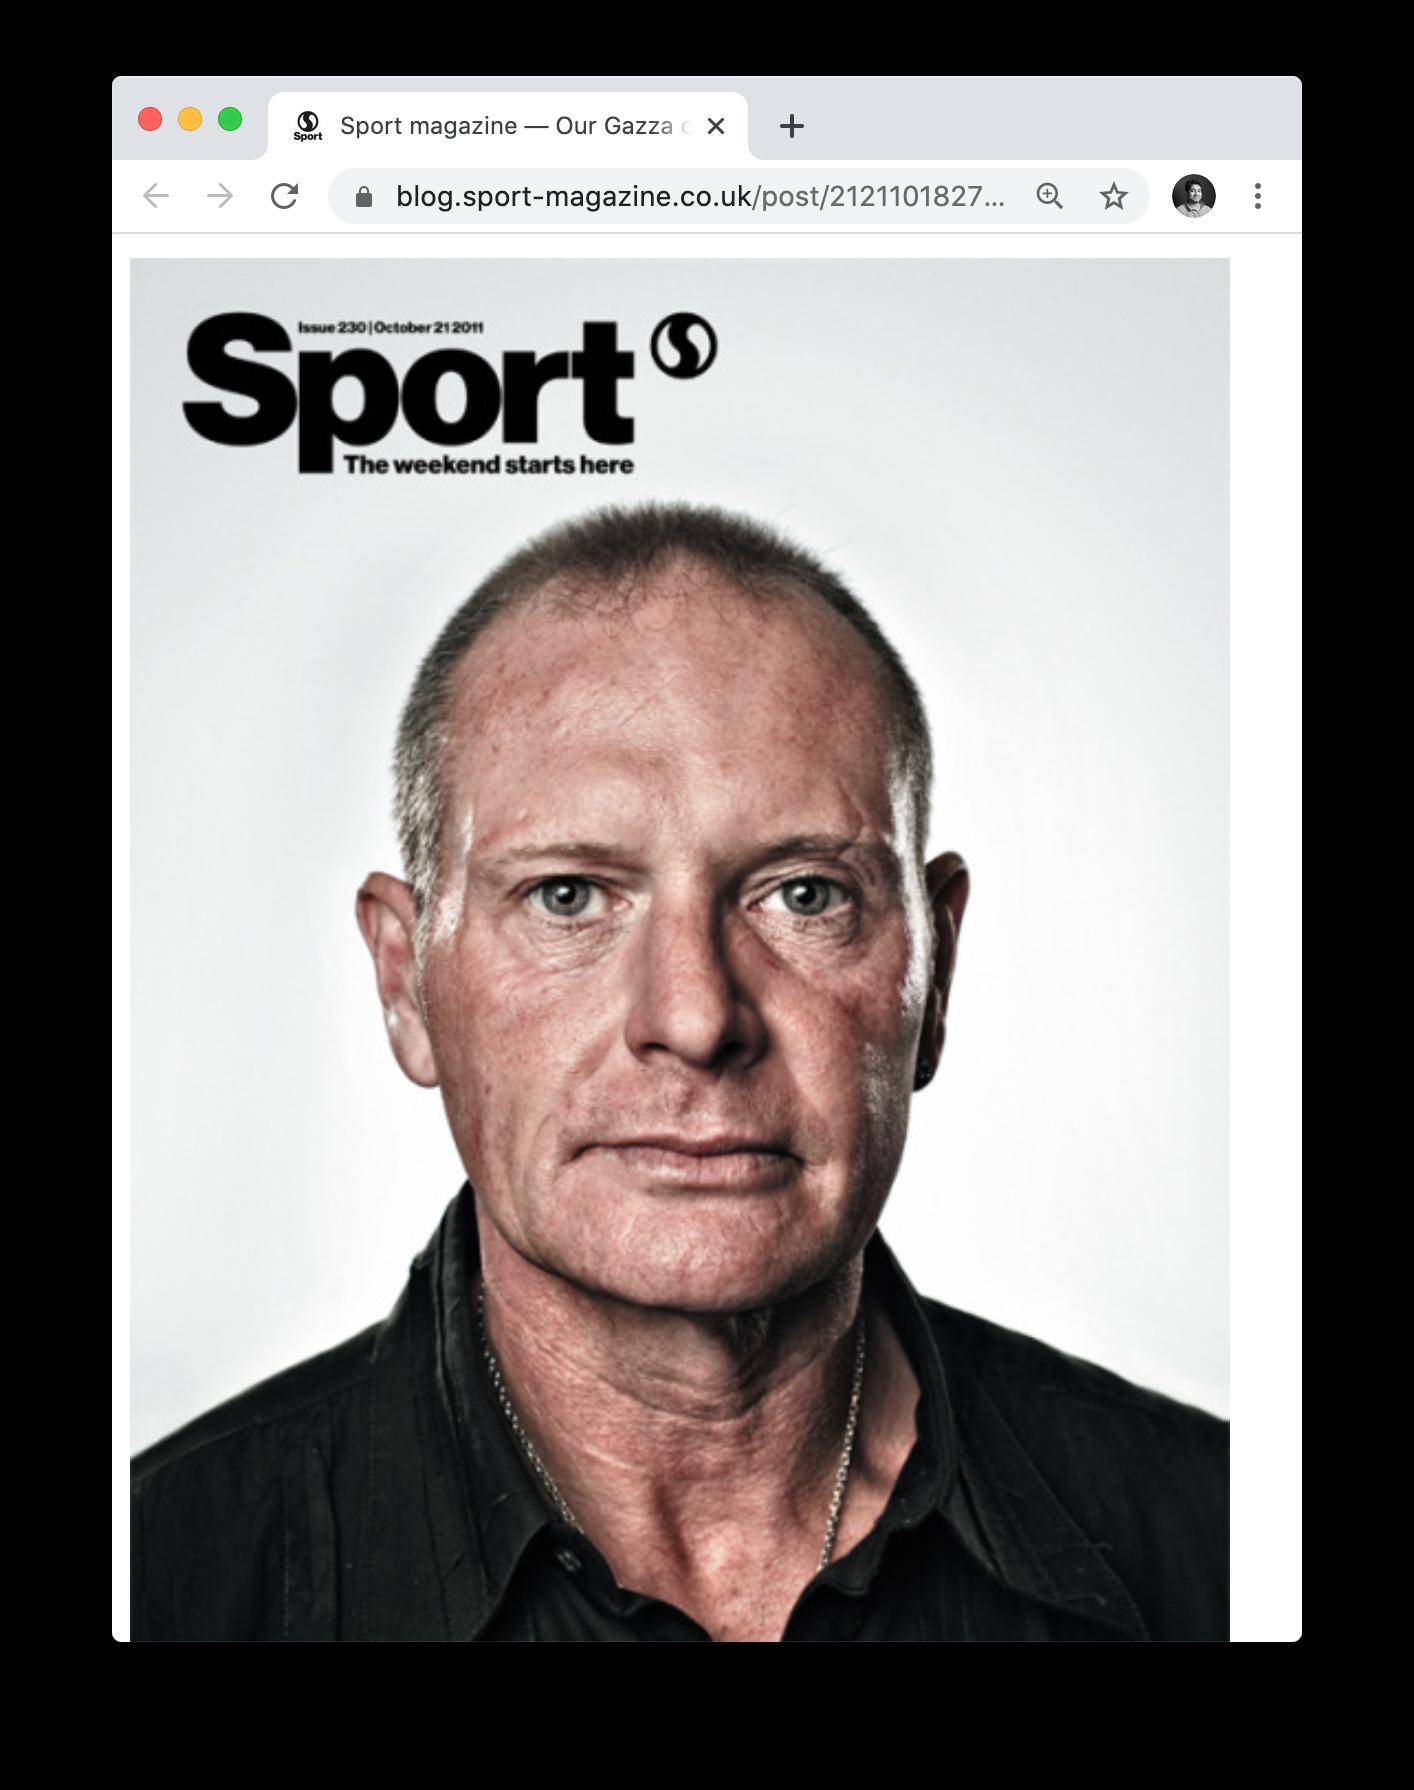 Jon Enoch's cover image of soccer player Paul Gascoigne for Sport Magazine